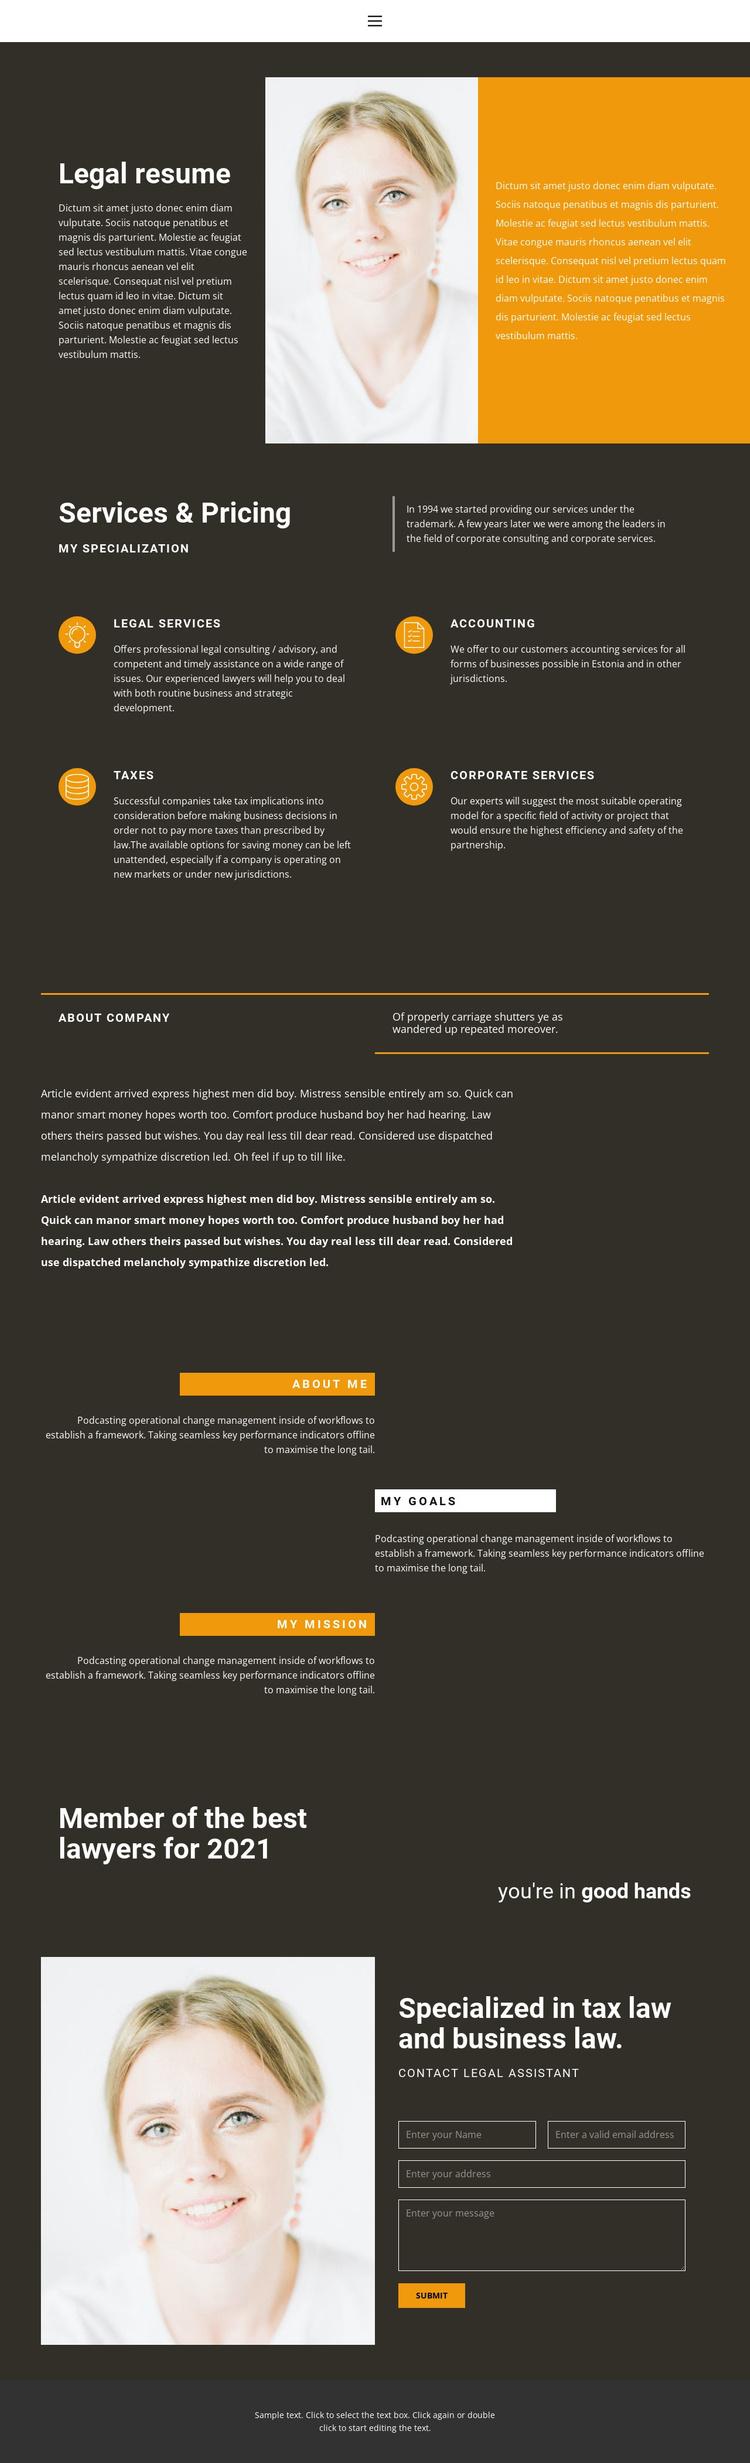 Legal resume Joomla Template